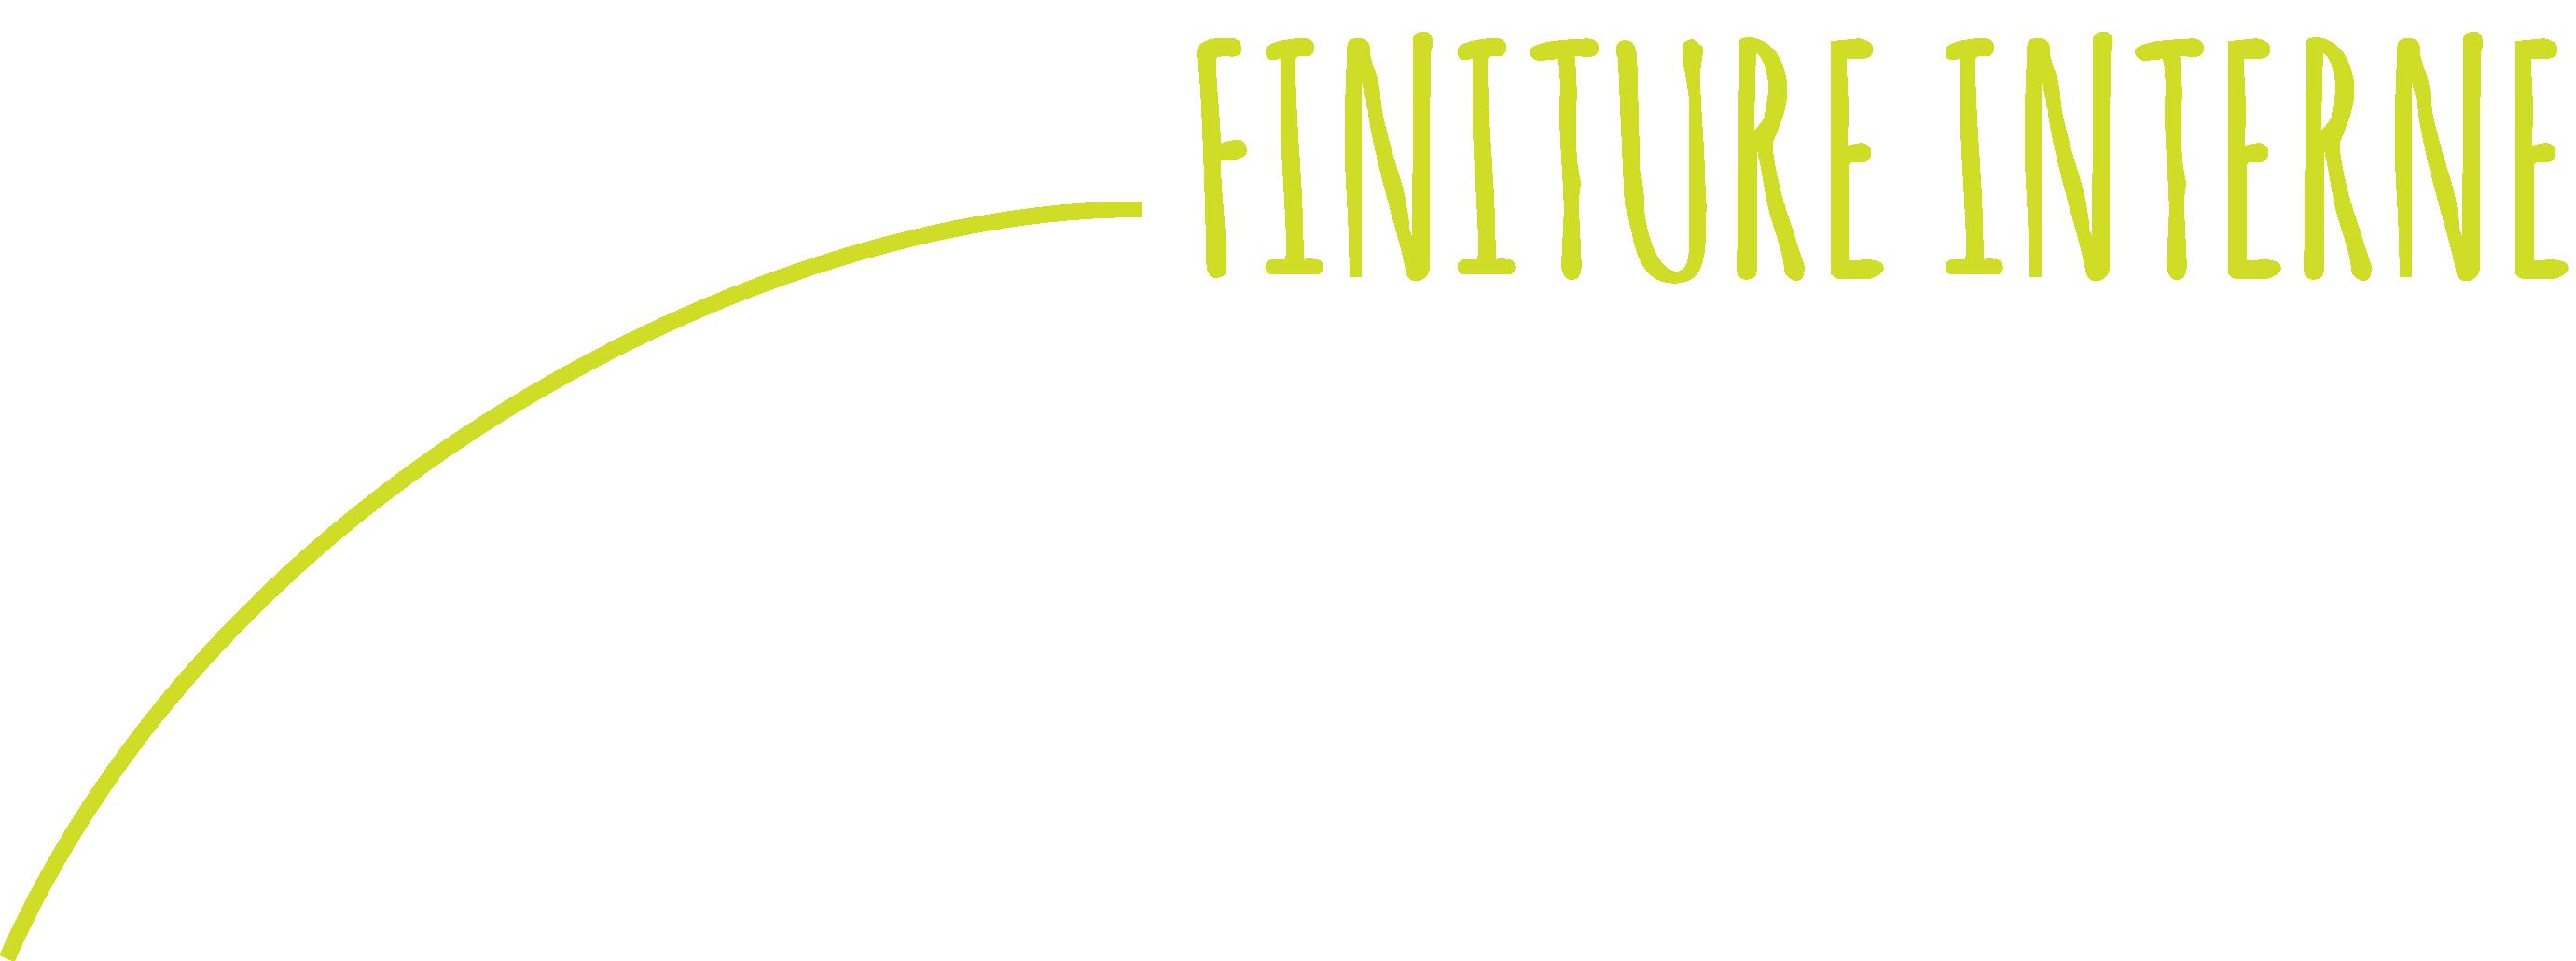 Immagine della scritta finiture interne all'interno dello slider Il Guscio